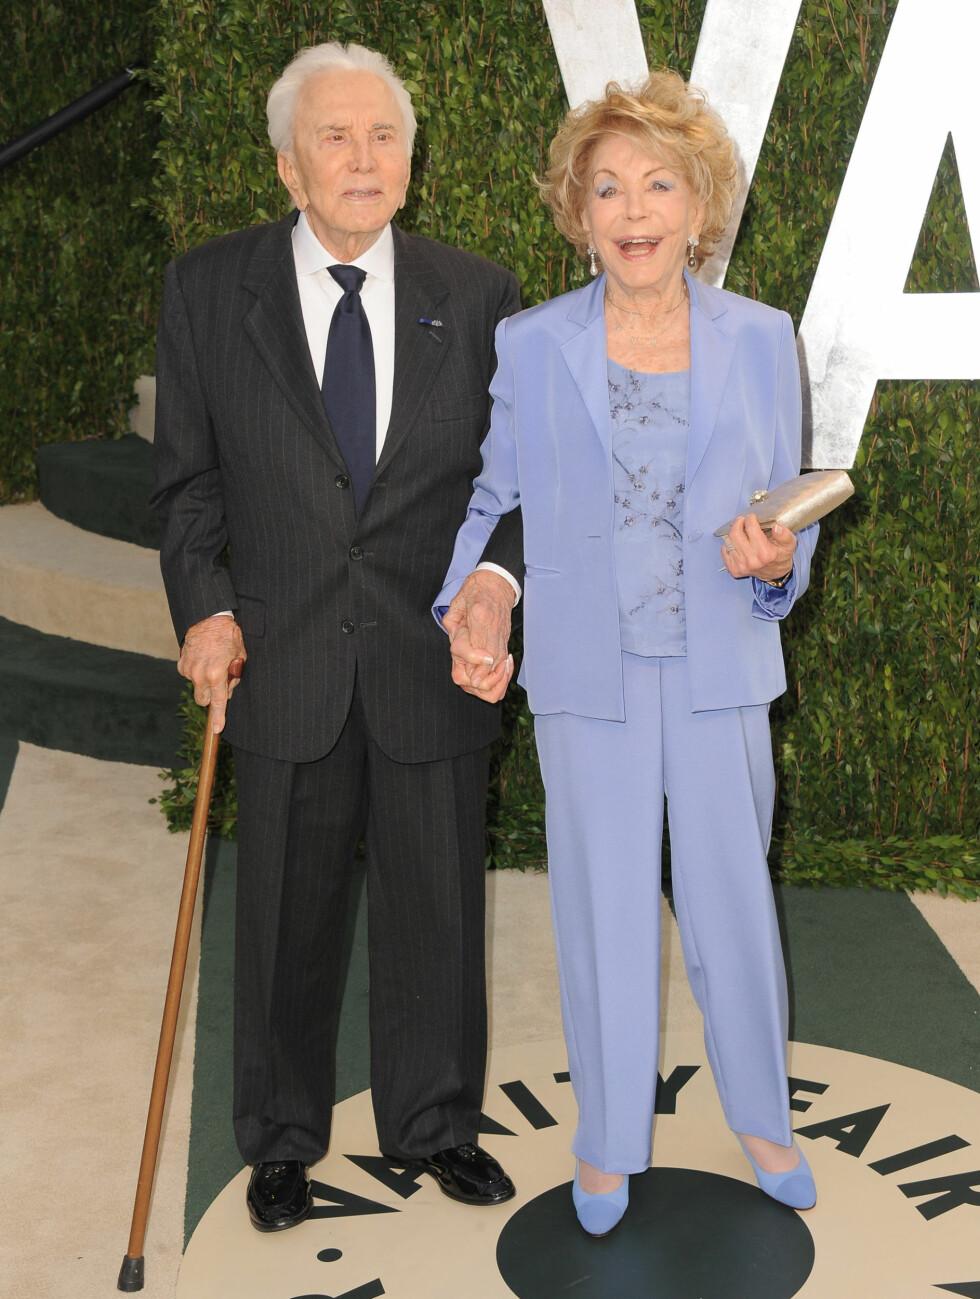 56 ÅR: Kirk Douglas (95) er blant annet kjent fra filmer som «Spartacus», men hadde sin første rolle i filmen «The Strange Love of Martha Ivers» fra 1946. Han har fått tre barn med Anne Buyden (82) og er blant annet faren til Michael Douglas.  Foto: All Over Press